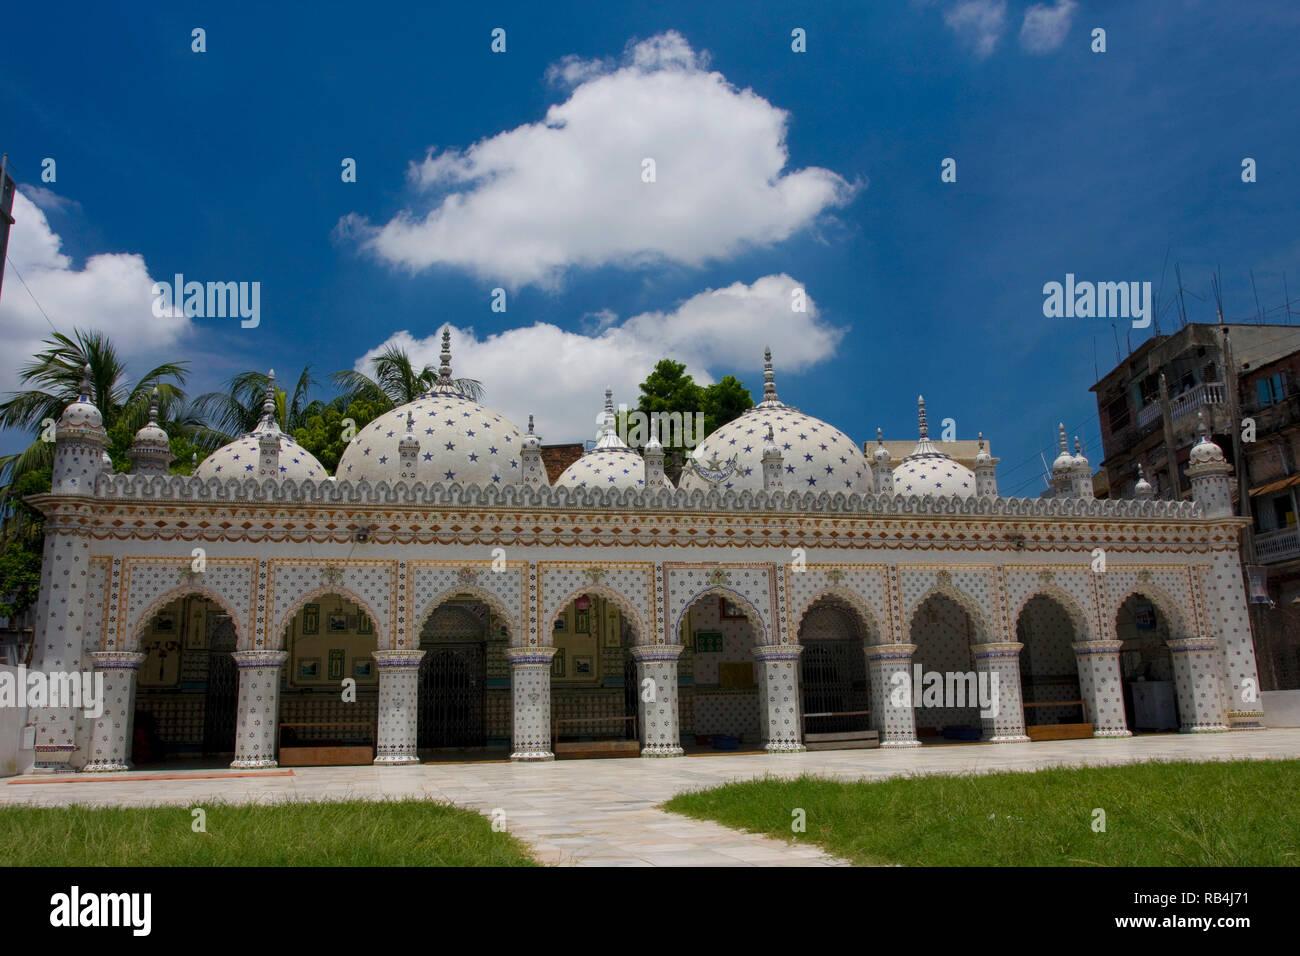 Utilized Stock Photos & Utilized Stock Images - Alamy